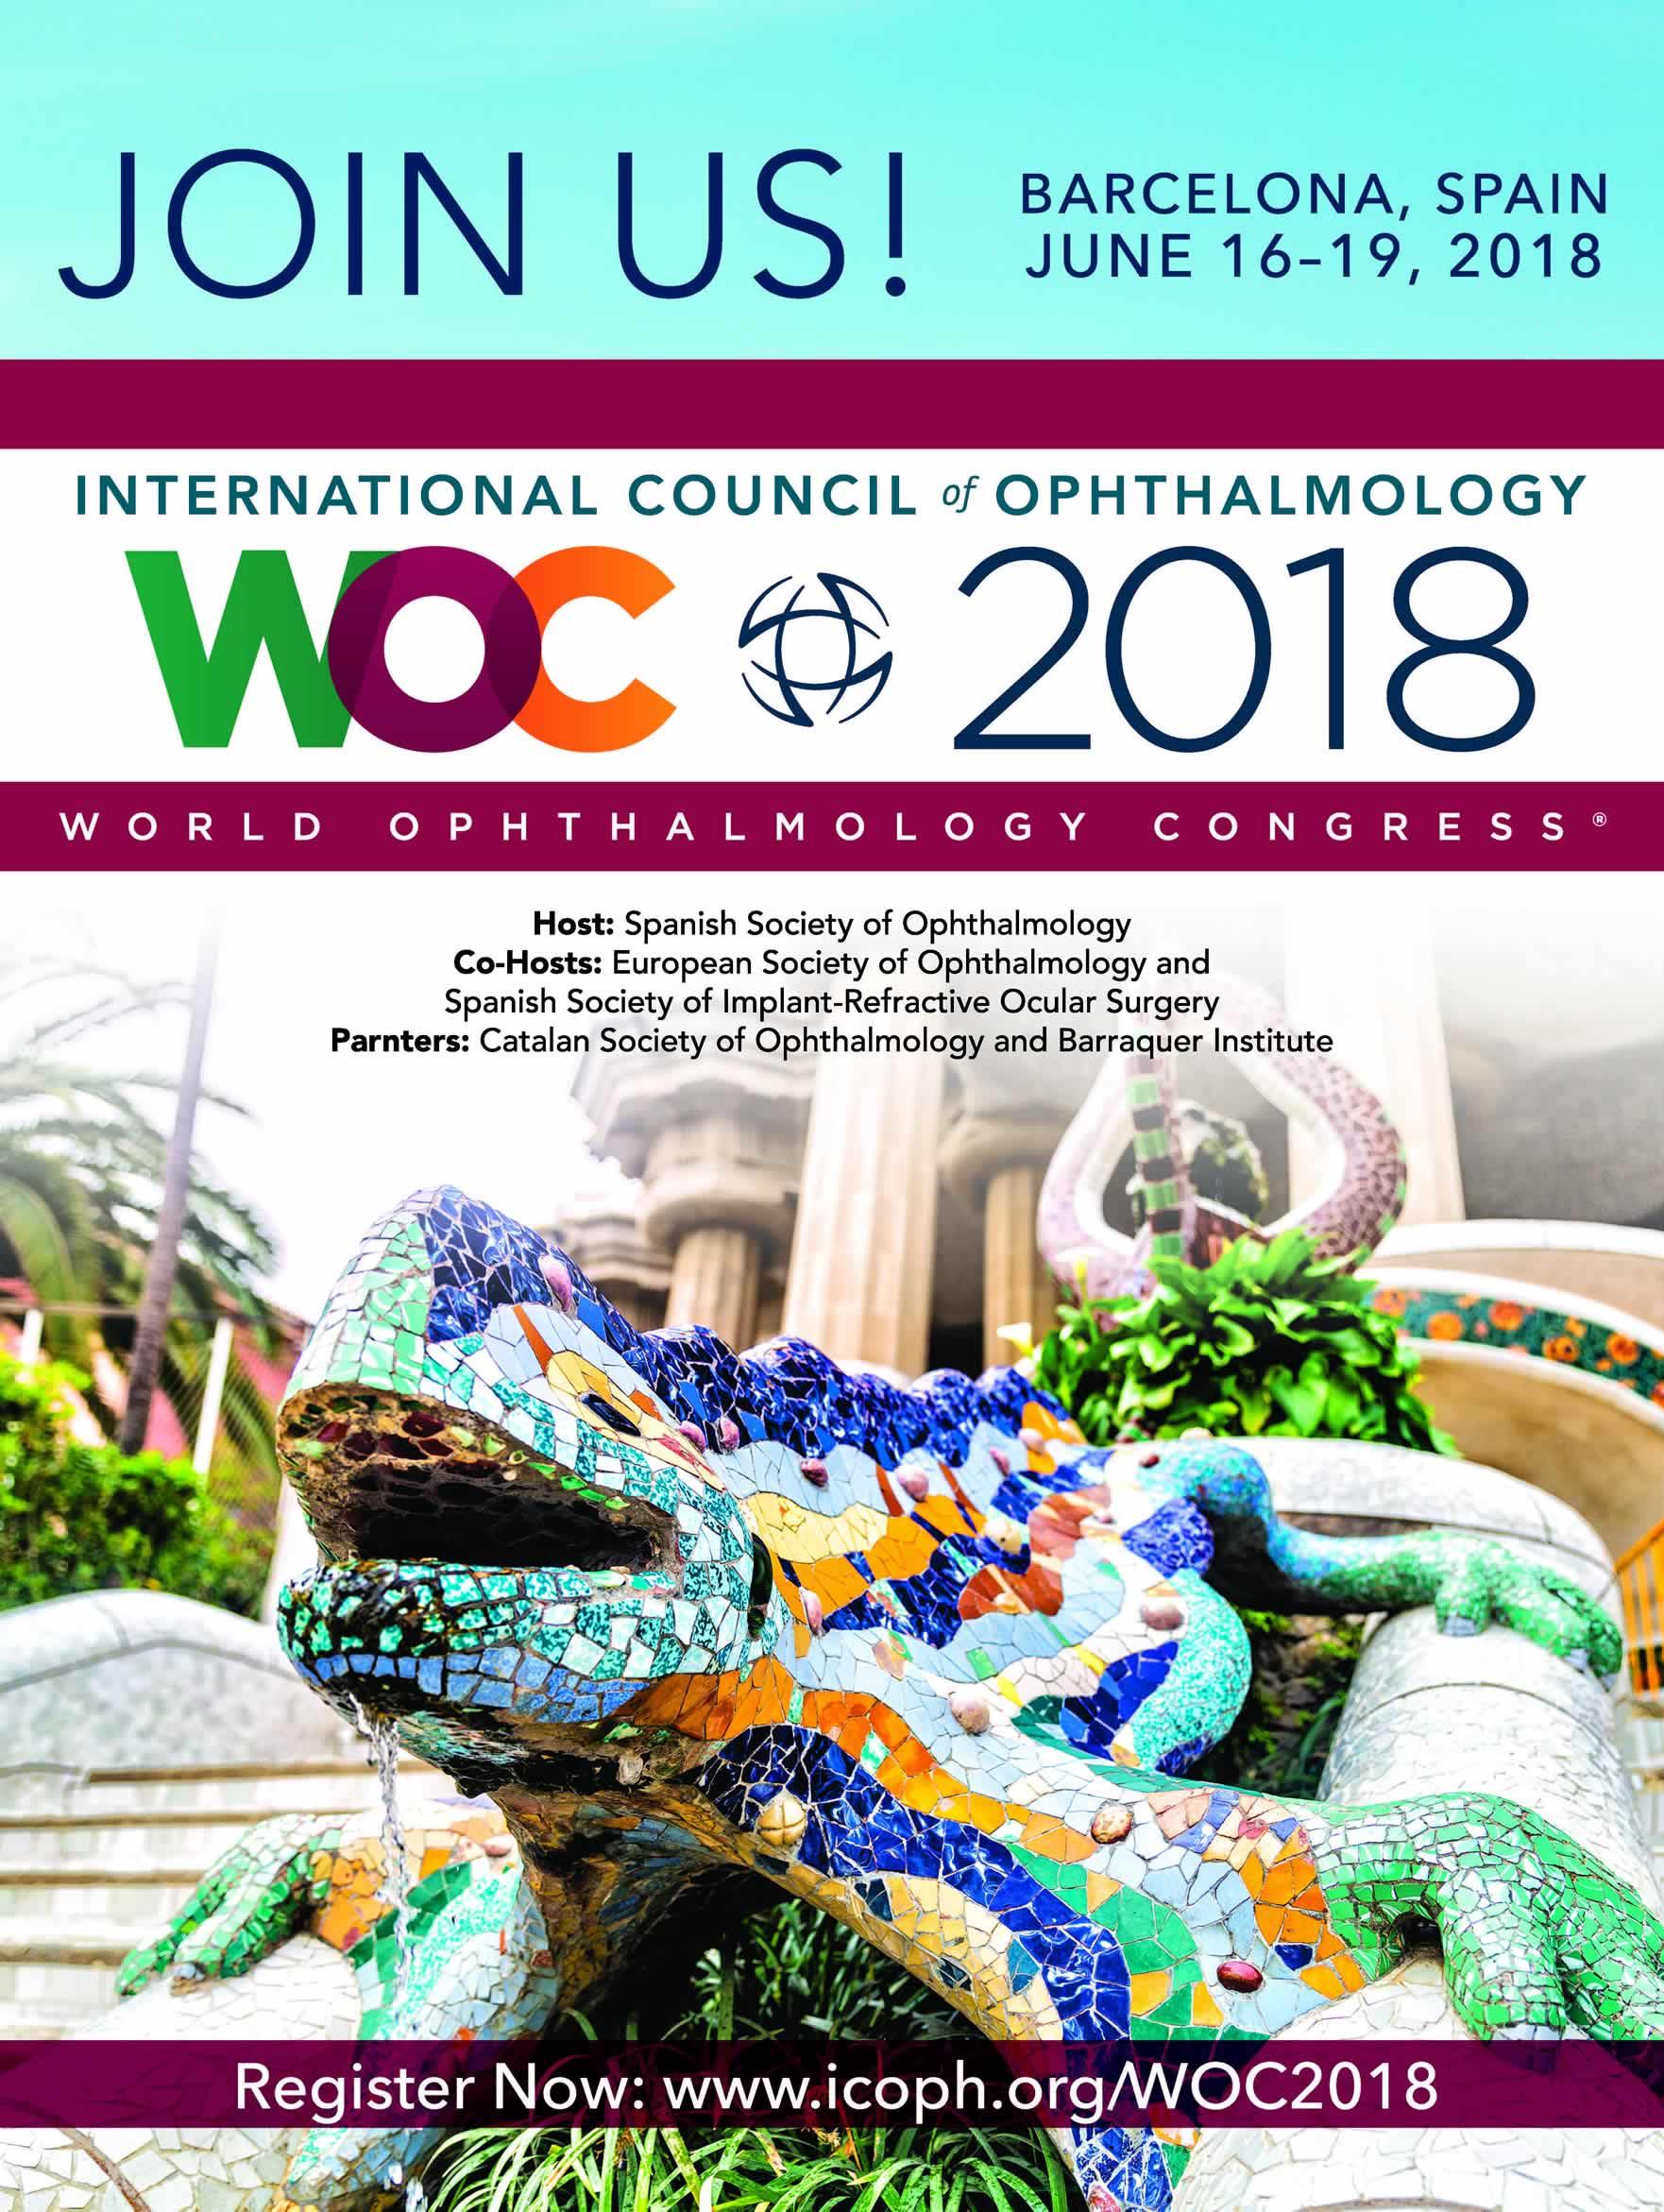 Qué es el World Ophthalmology Congress 2018